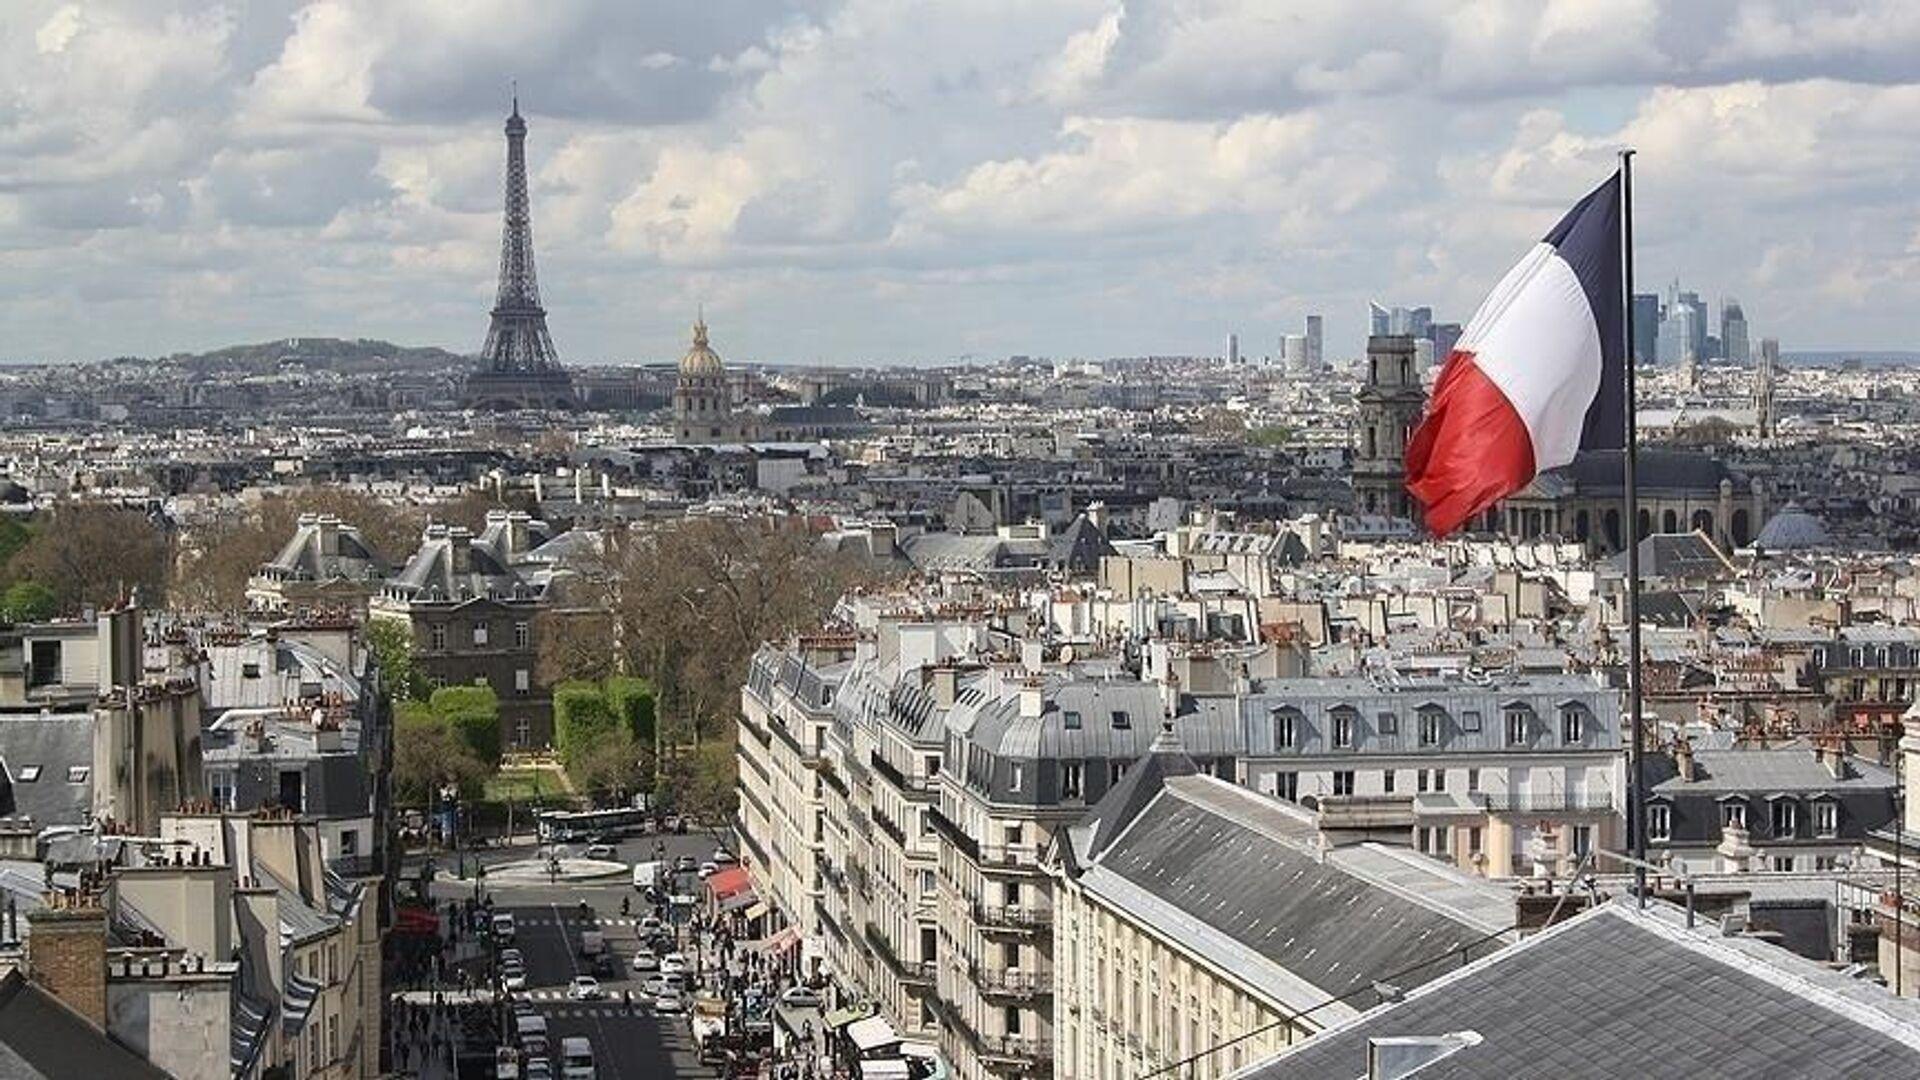 Fransa bayrak Paris Eyfel Kulesi - Sputnik Türkiye, 1920, 30.07.2021